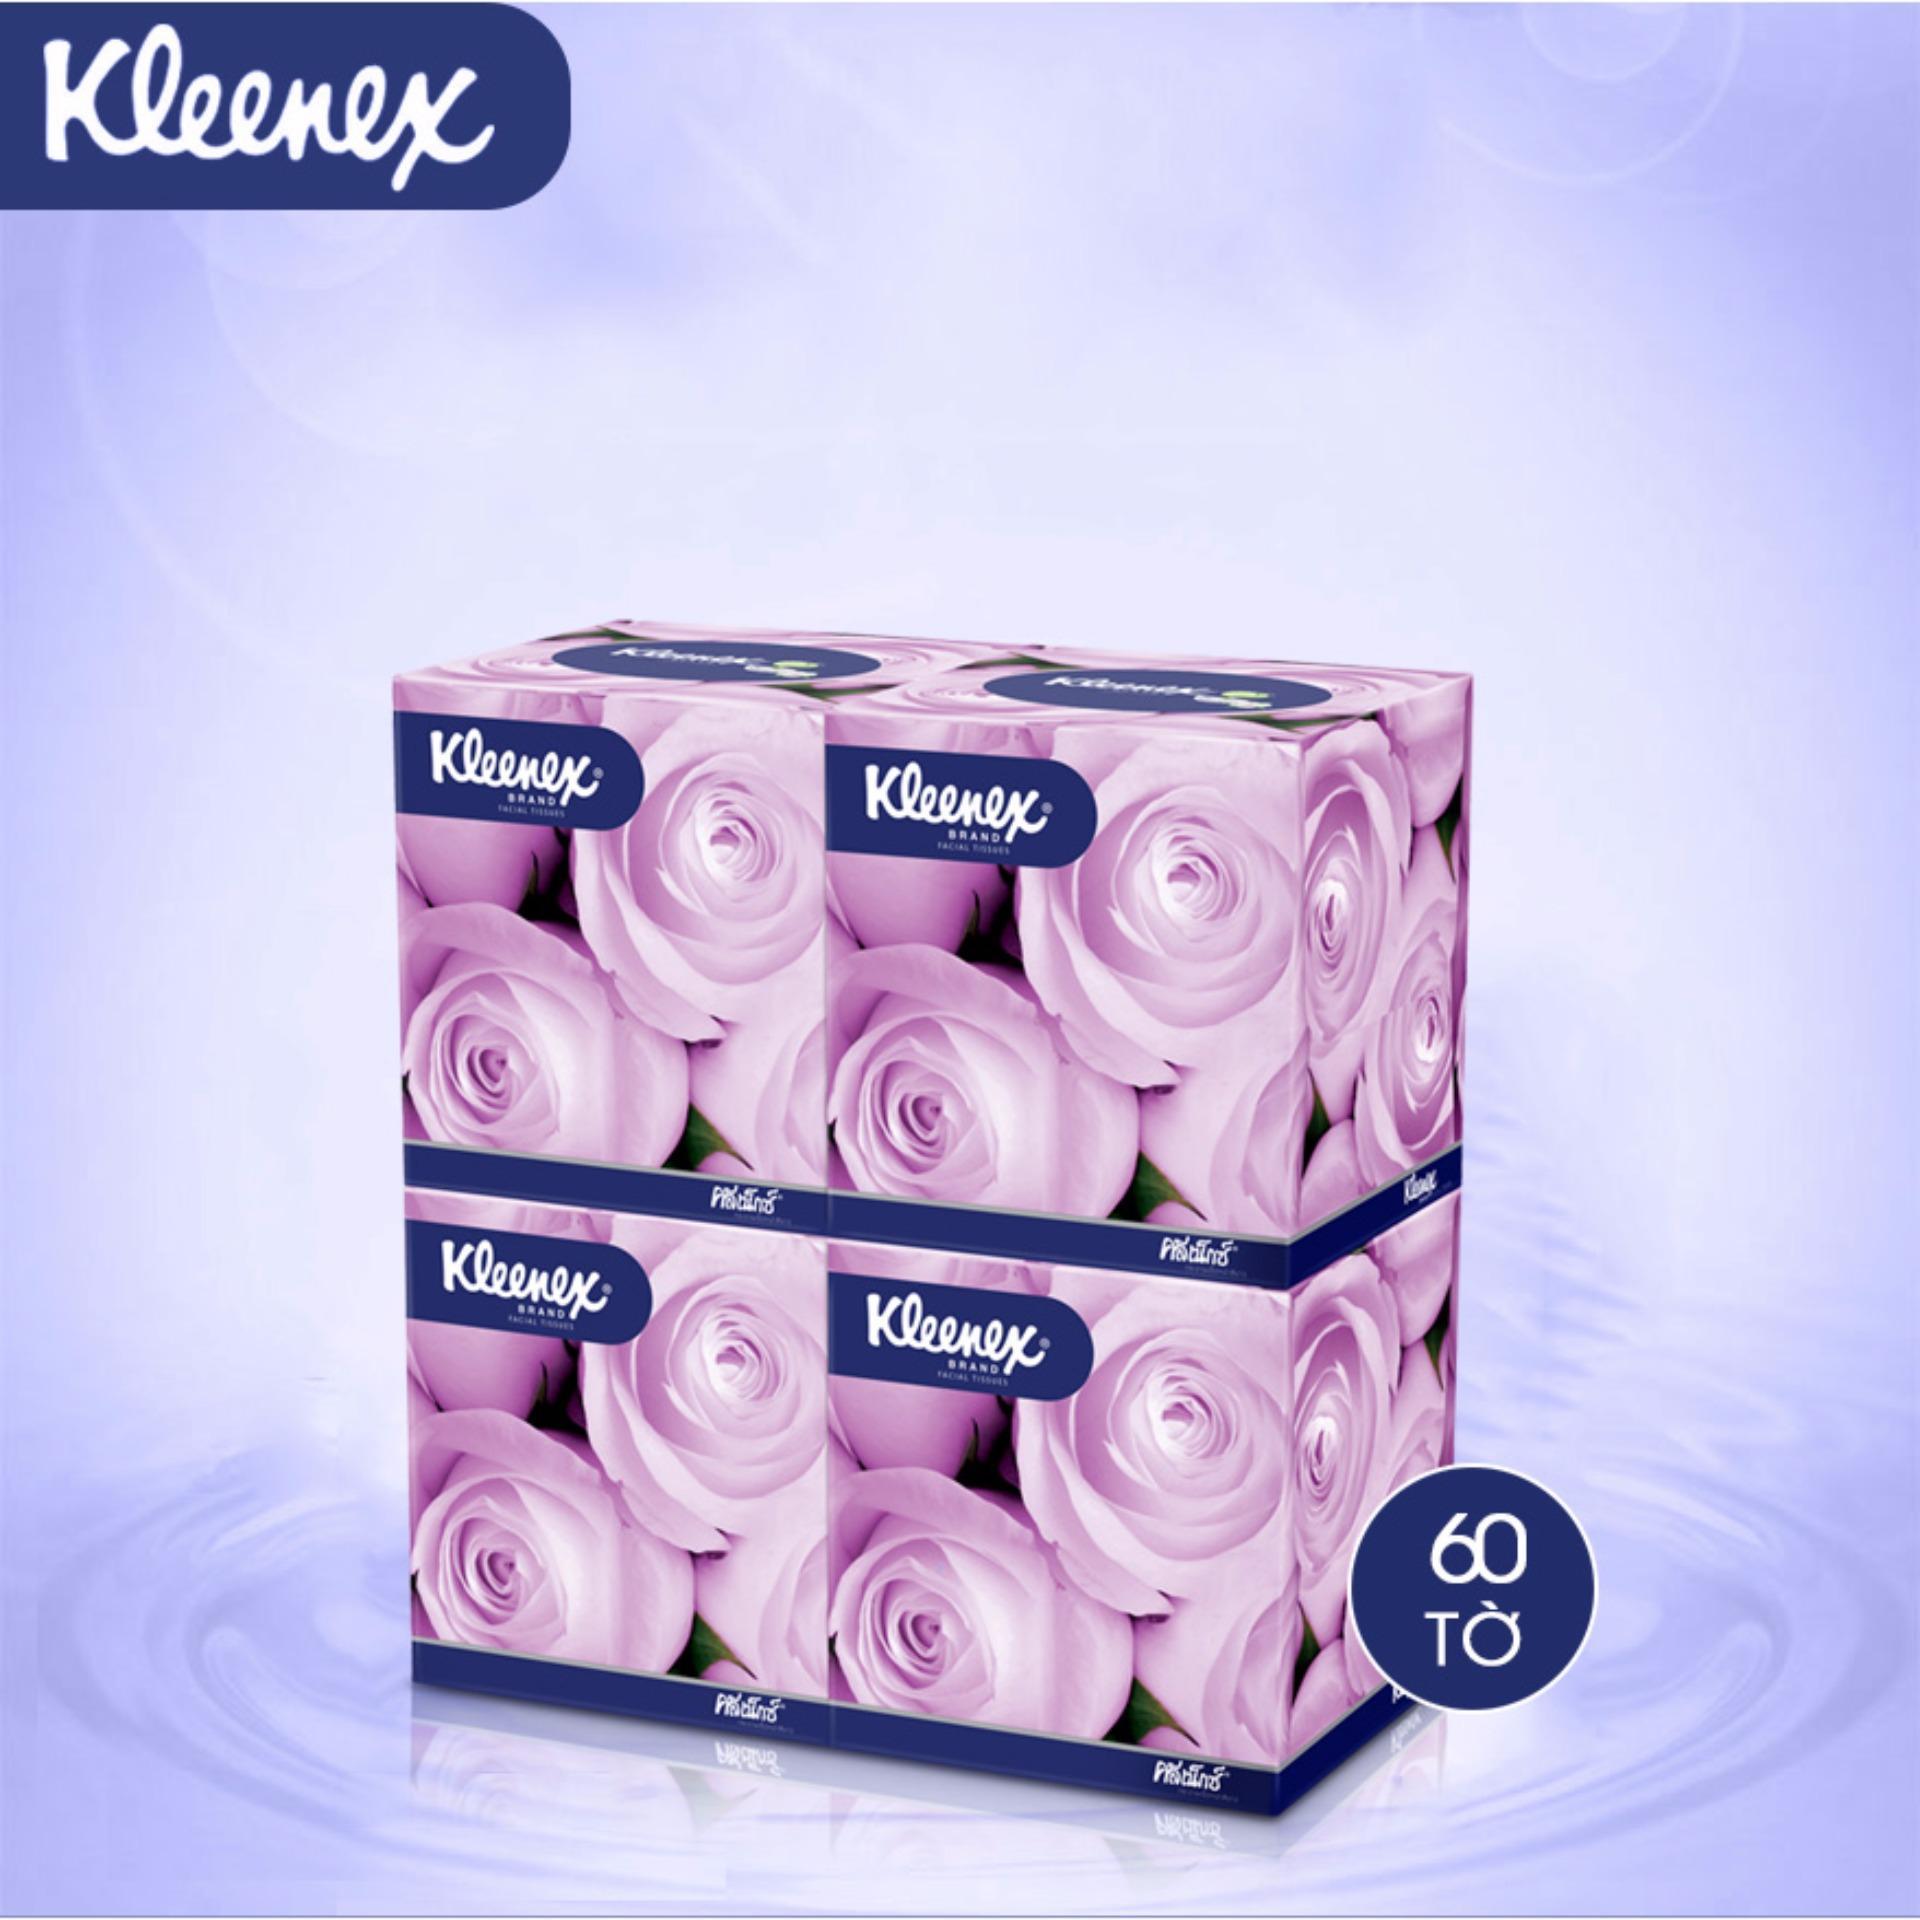 Giấy hộp vuông Kleenex Floral 2 lớp x 60 tờ / 1 hộp